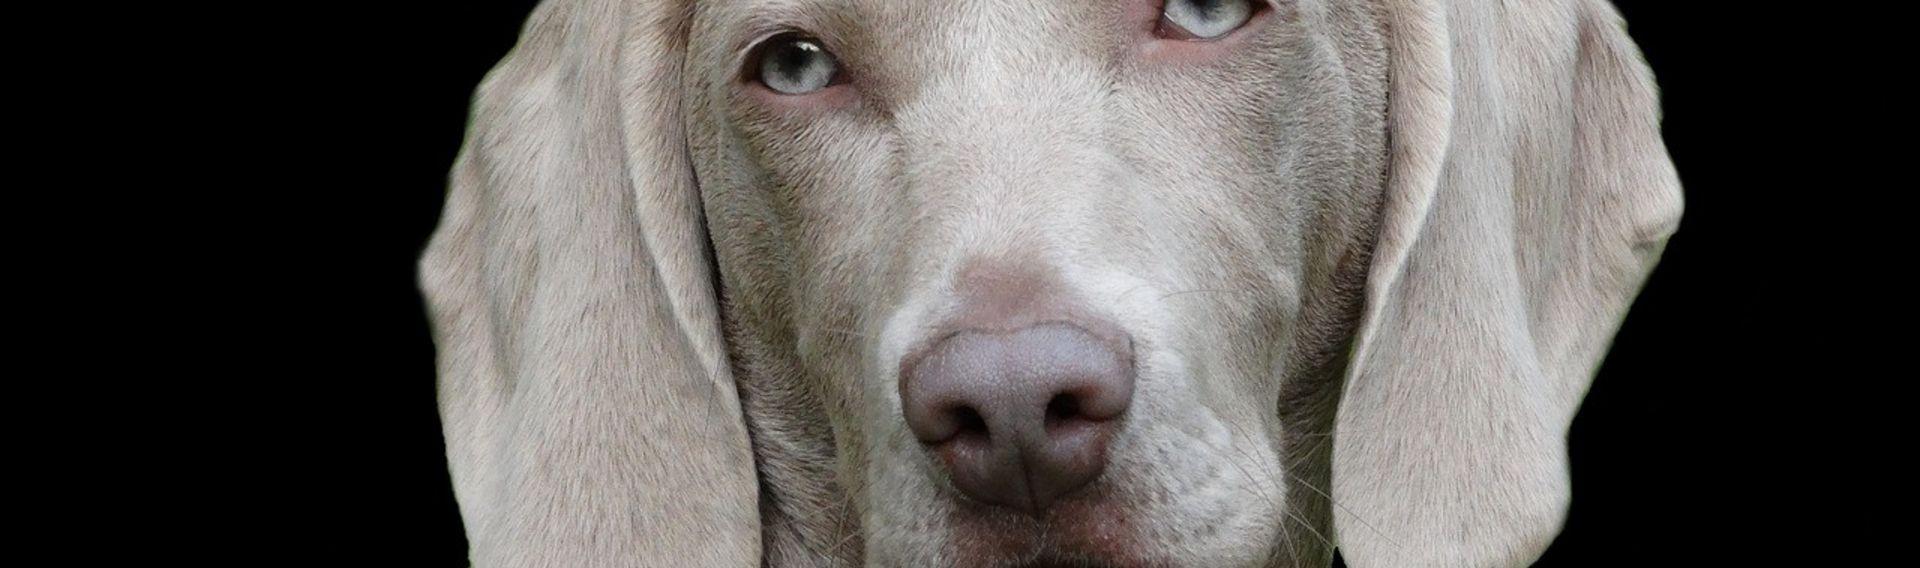 Messe Hund Deutschland 2017 – Heimtier